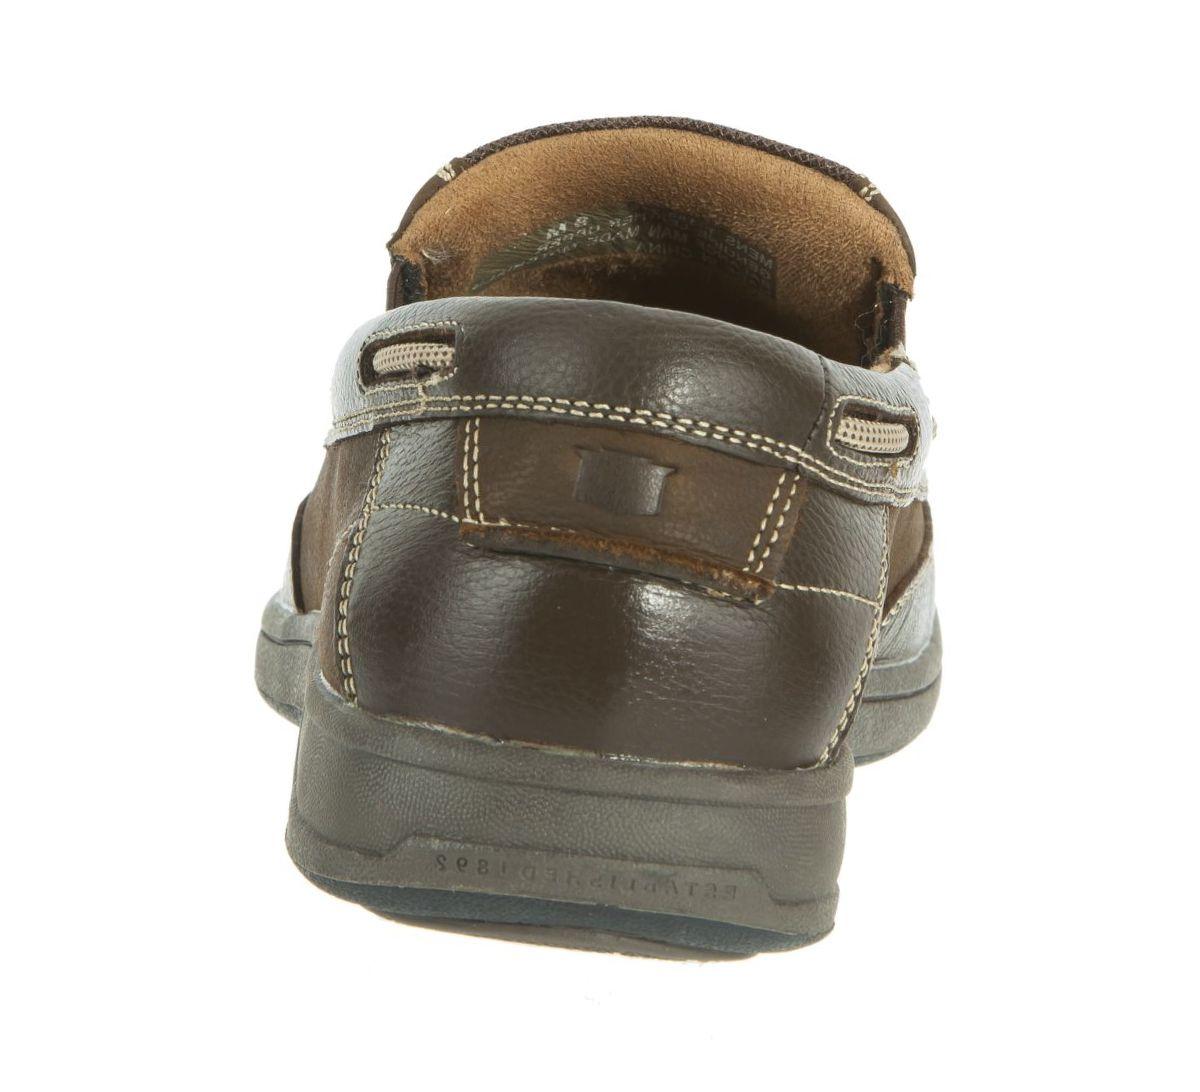 Florsheim Men's Lakeside Moc-Toe Slip-On Shoes